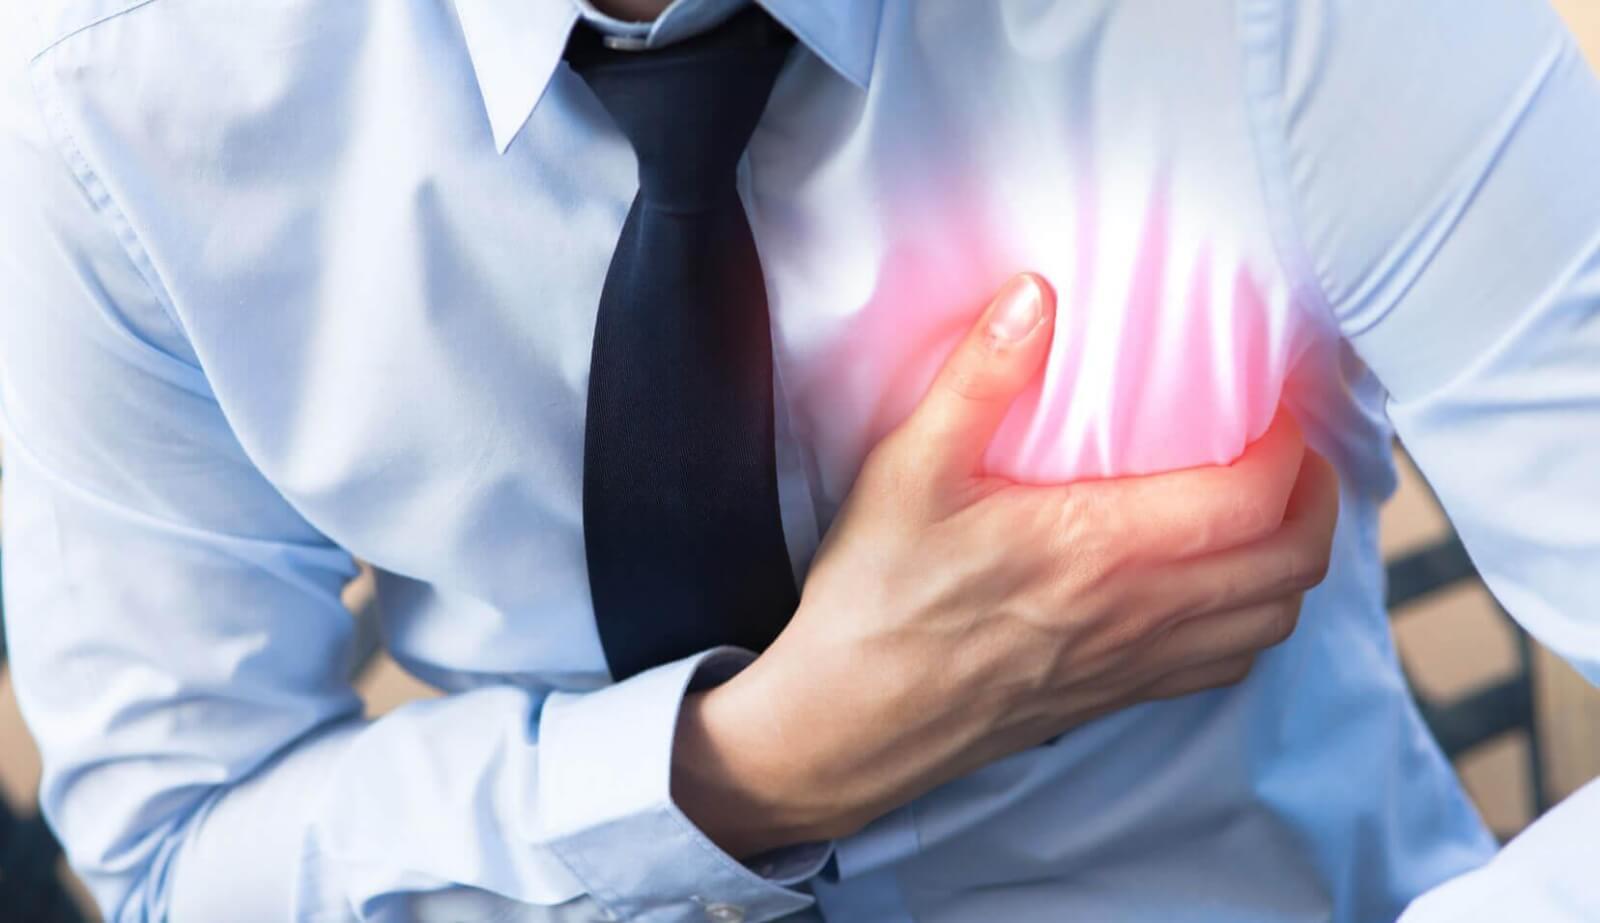 Синдром легочного сердца: симптомы, лечение и прогноз